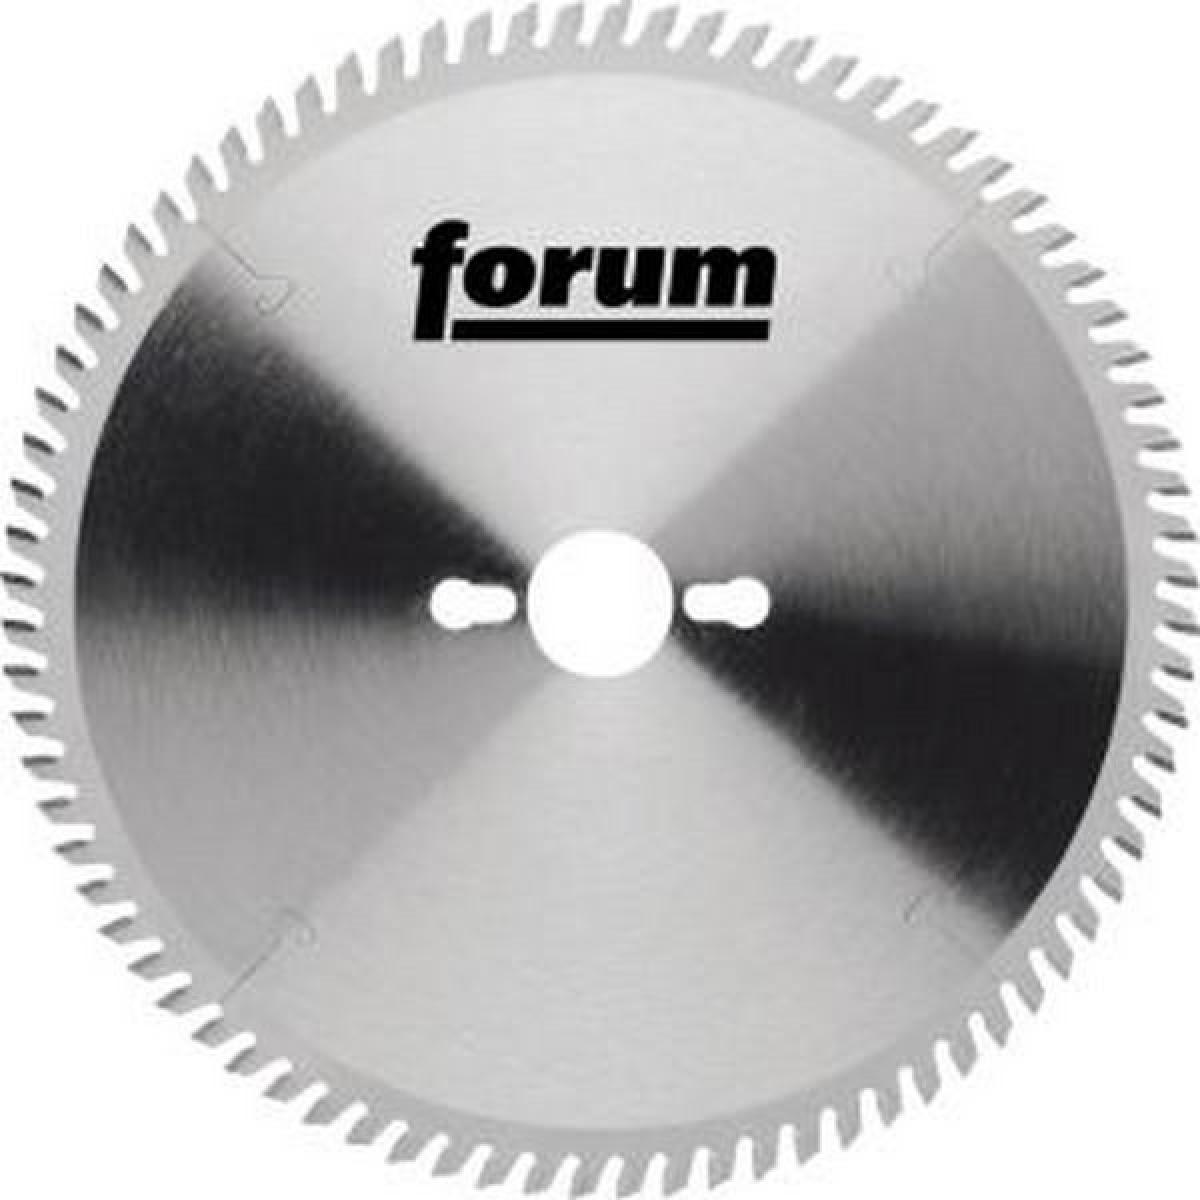 Forum Lame de scie circulaire, Ø : 300 mm, Larg. : 3,2 mm, Alésage 30 mm, Perçages secondaires : 2KNL*, Dents : 96